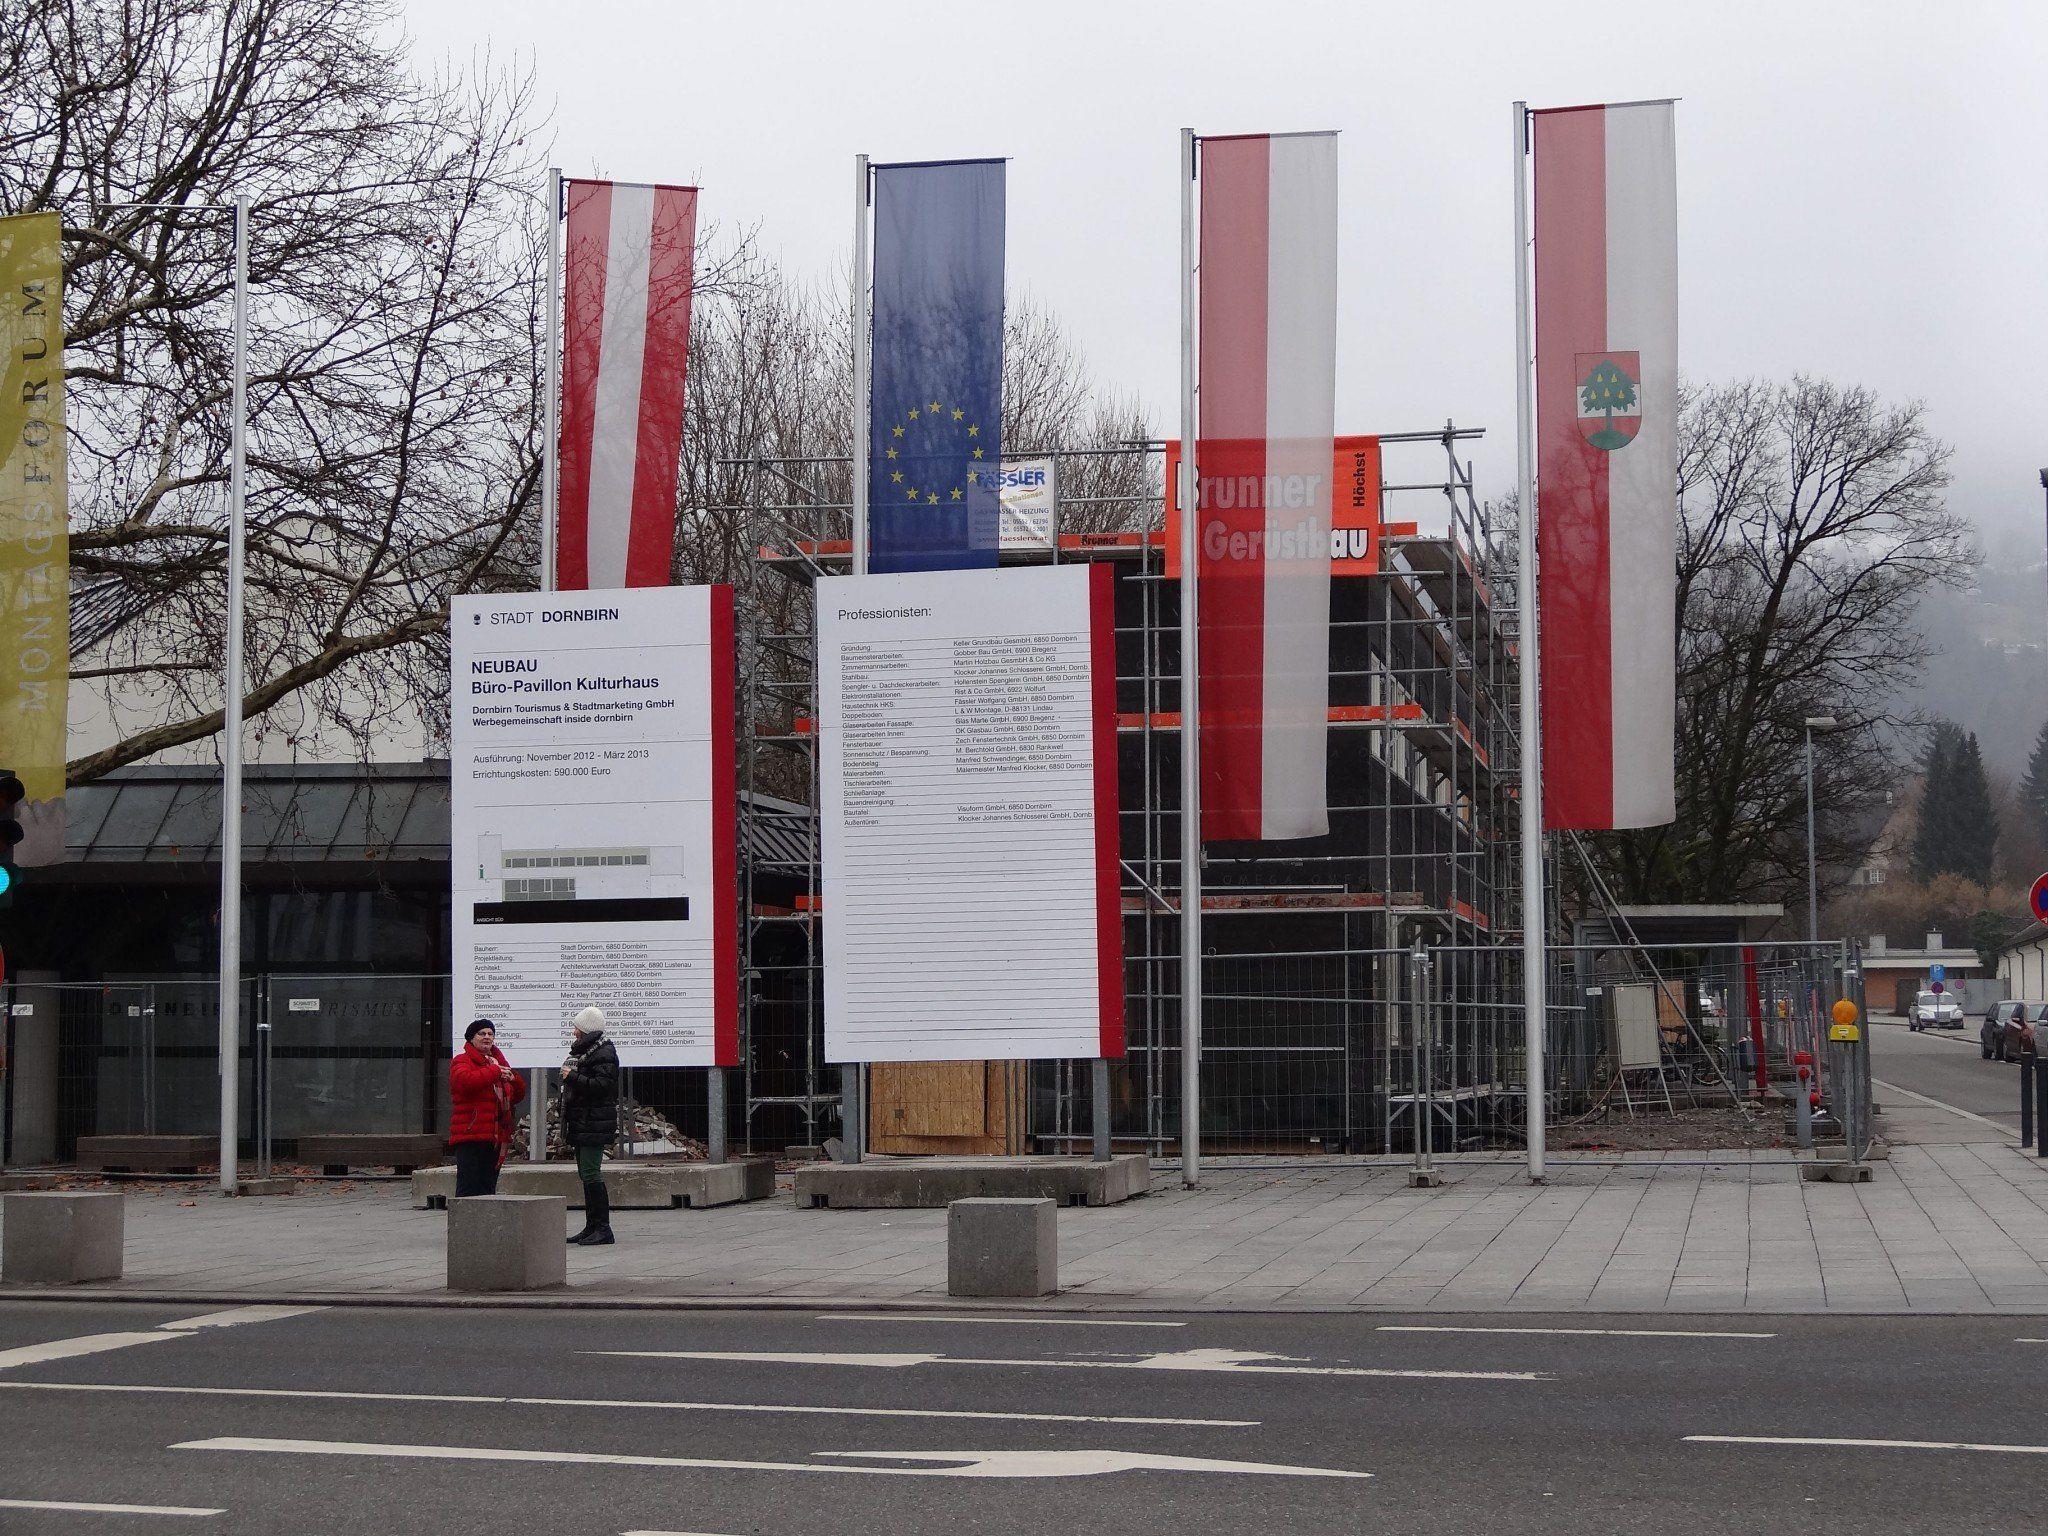 In die neue Servicestelle werden 590.000 Euro investiert.